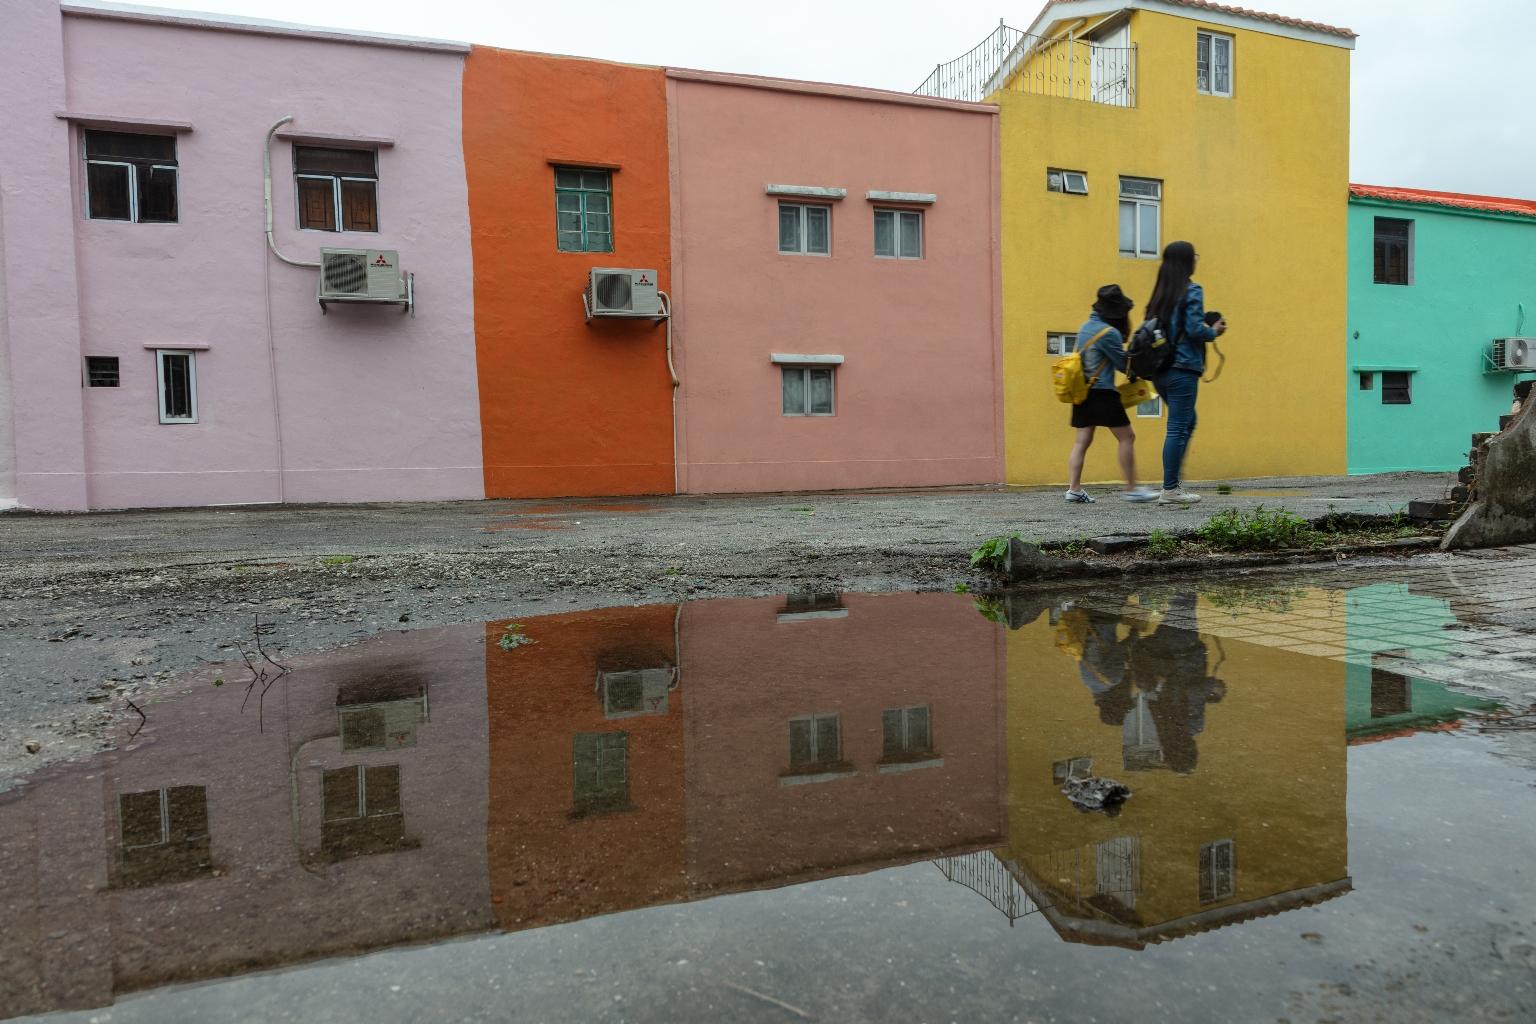 """路環十月初五馬路民居裝飾,近年成為遊客的""""打卡點"""""""